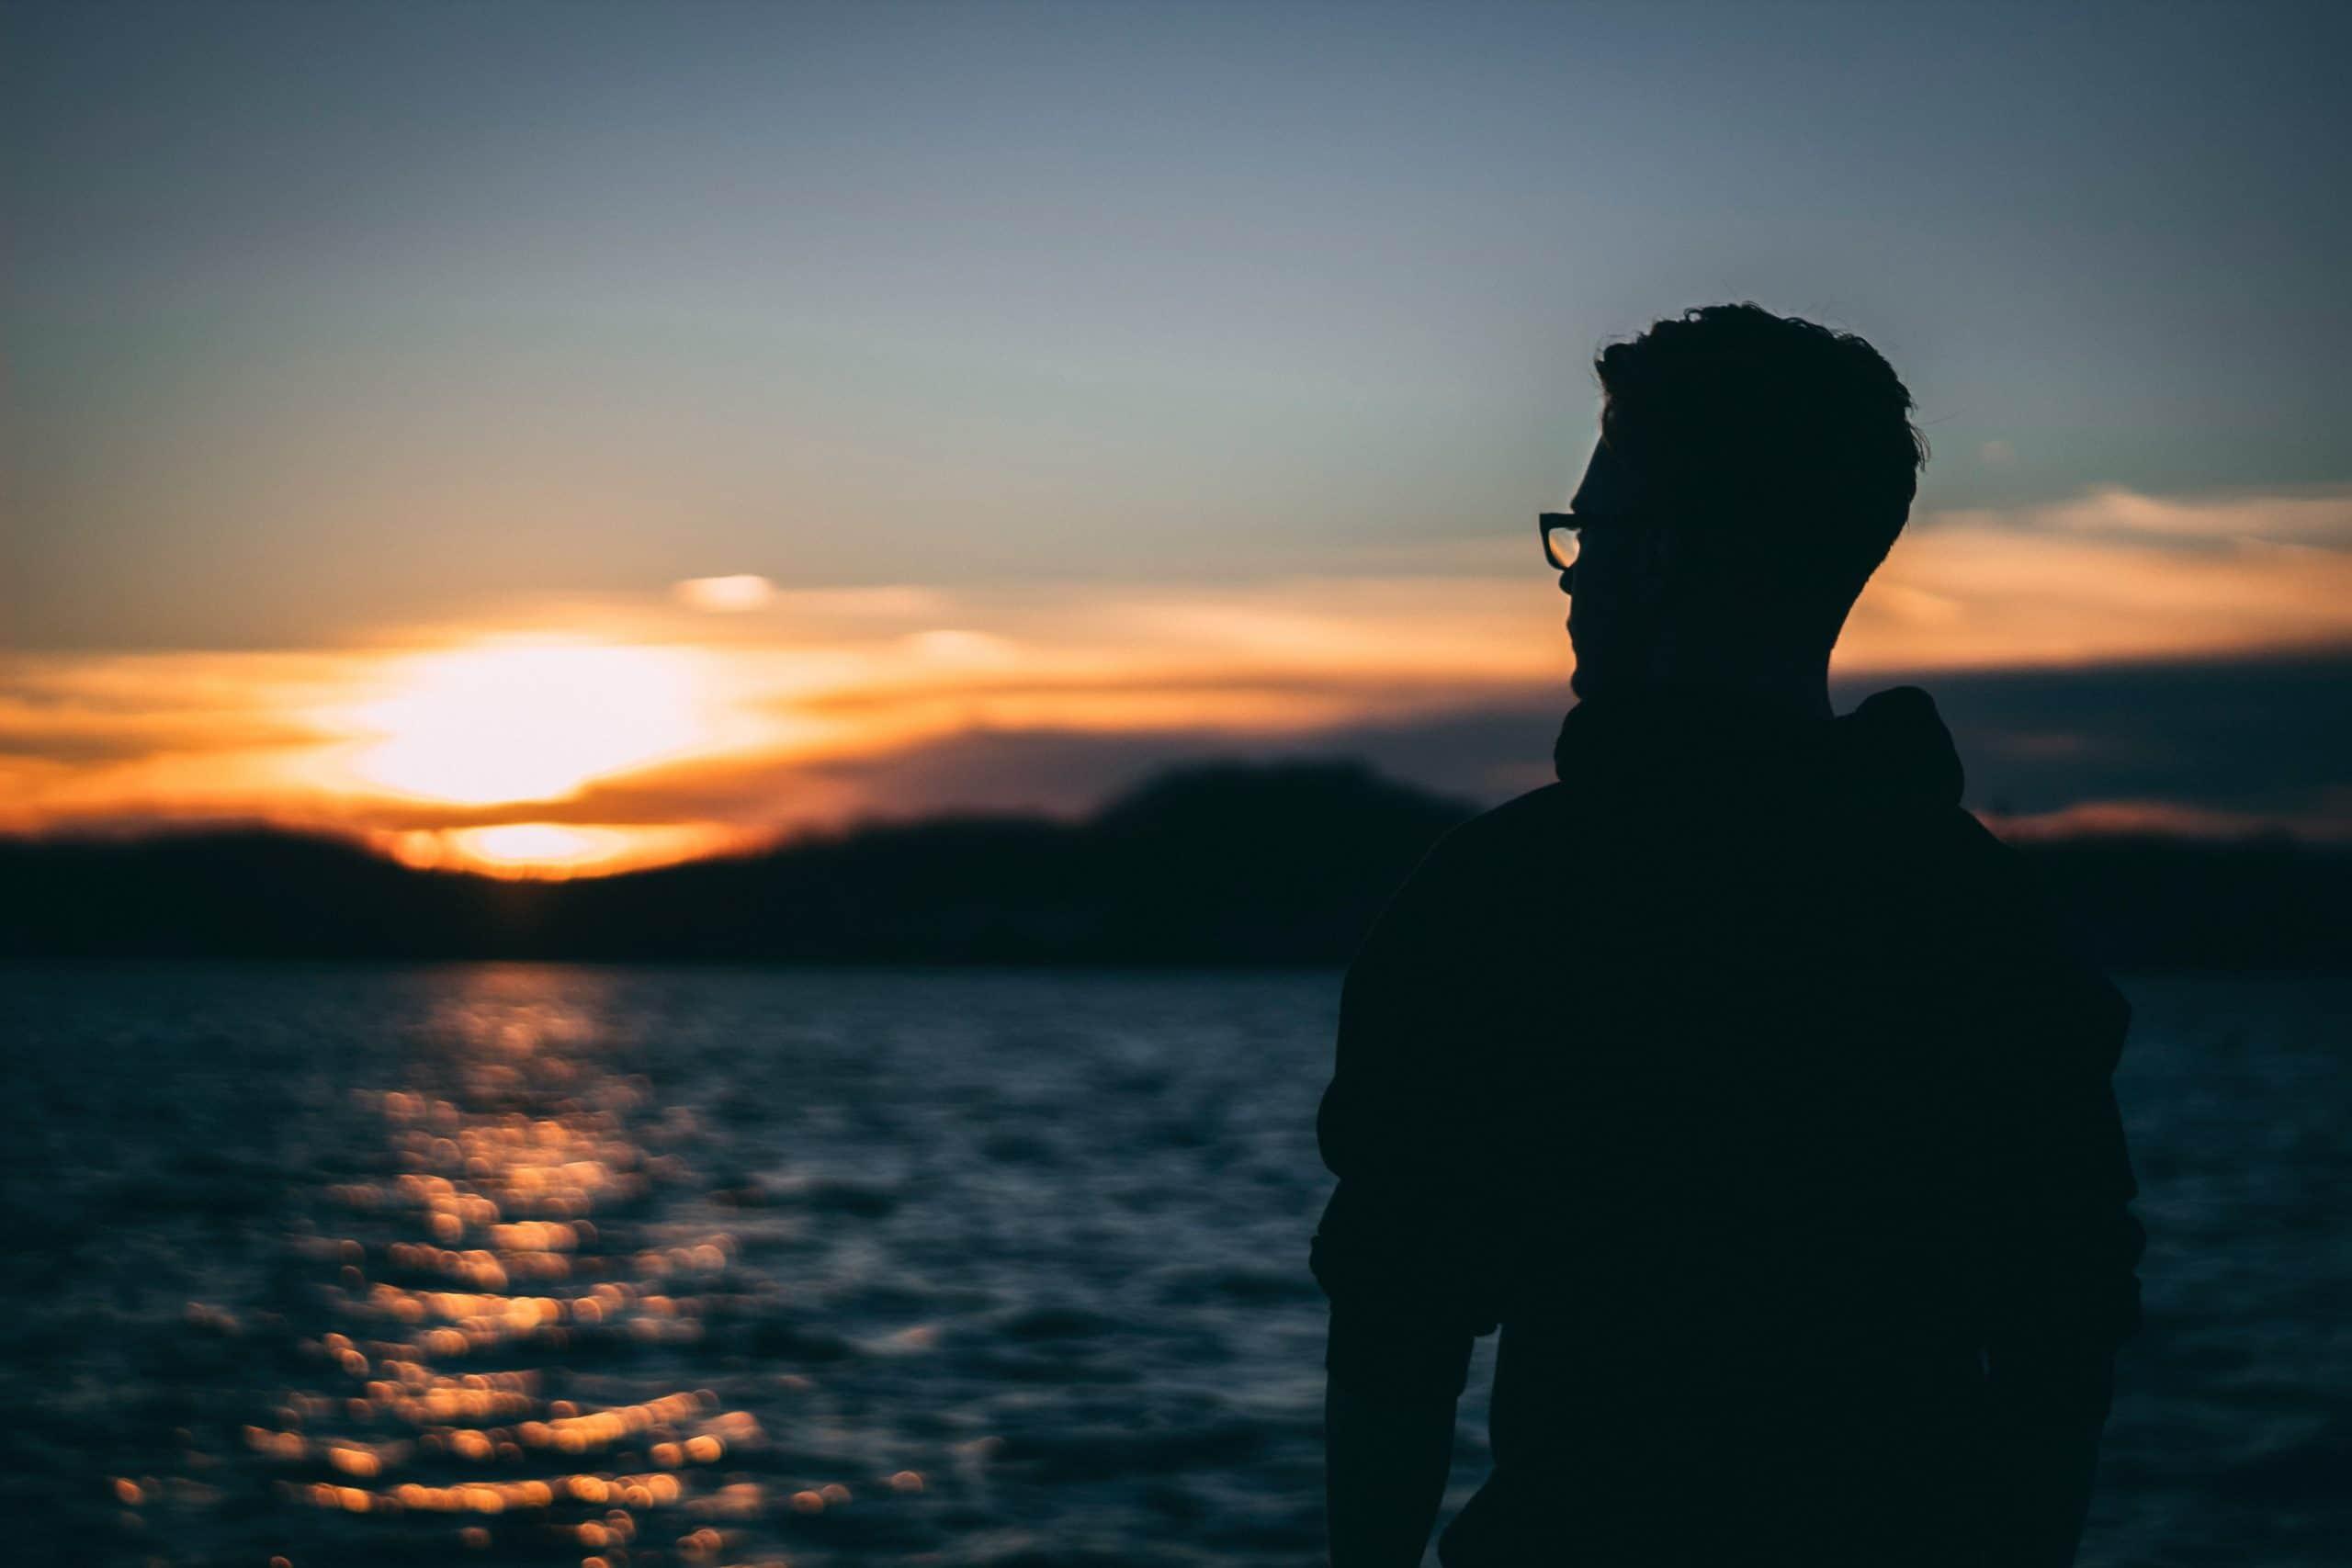 Silhueta de homem de costas olhando para o sol ao fundo